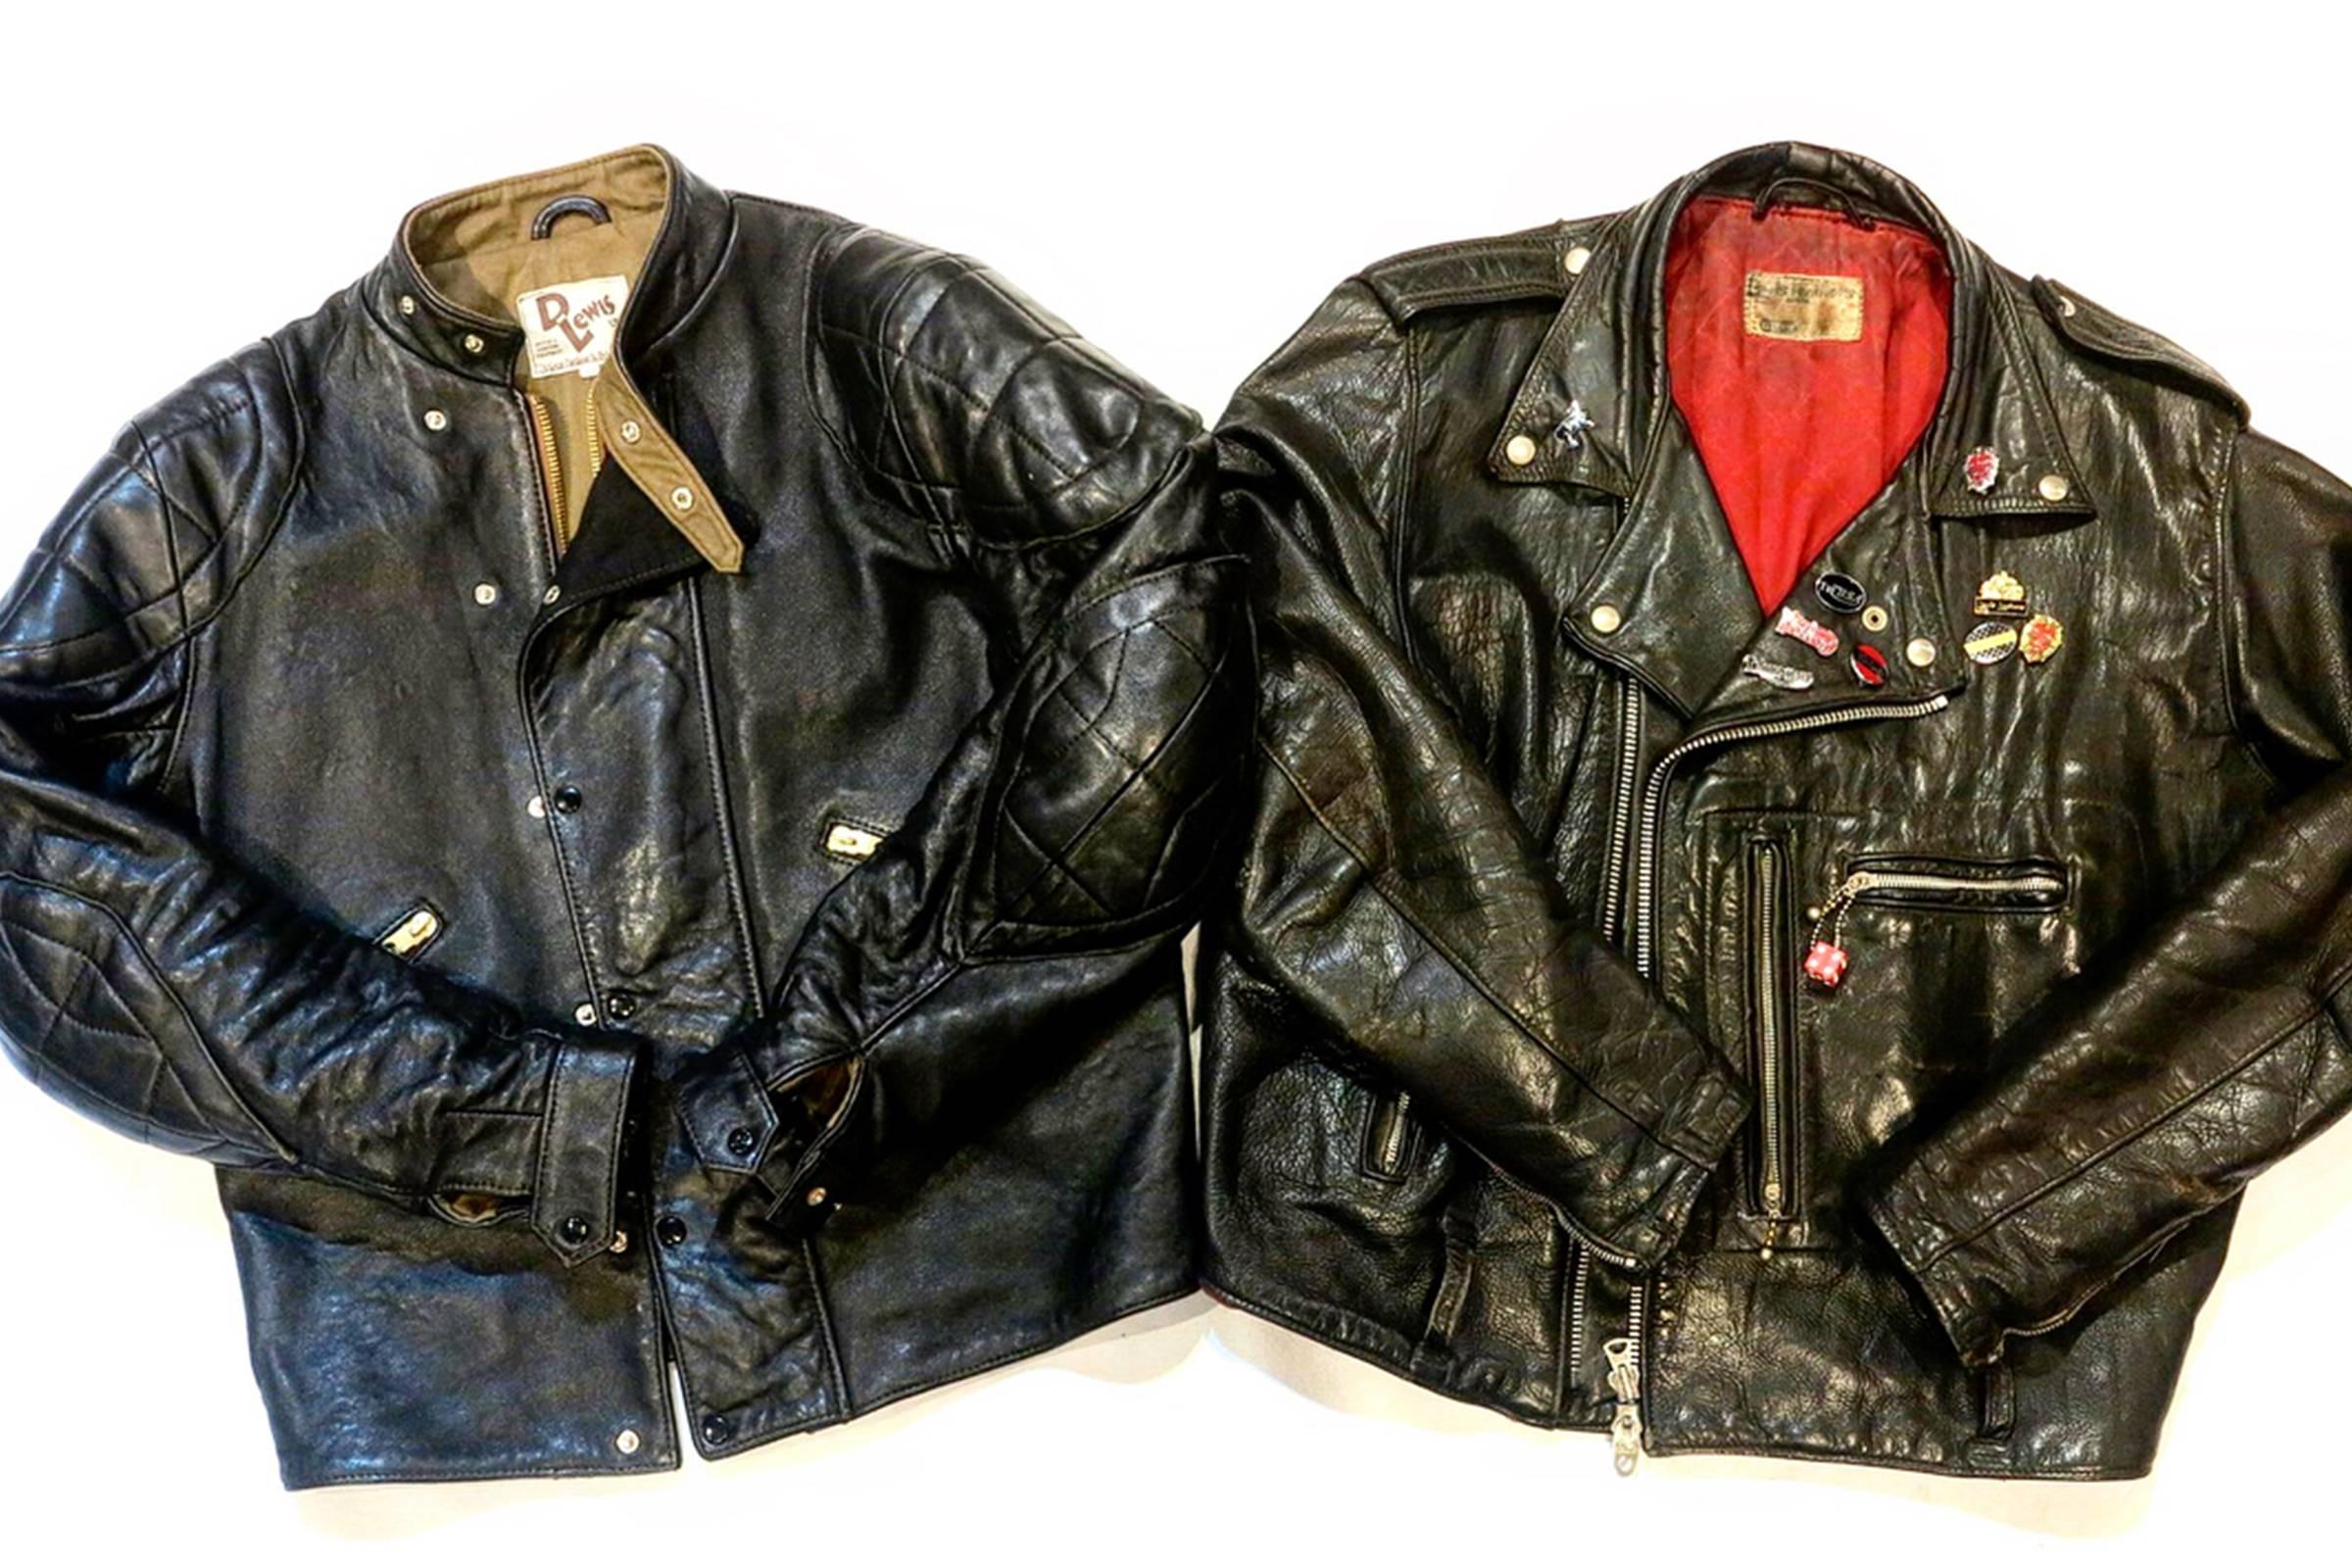 D Lewis UVR MK2 (left), Vintage Lewis Leathers Bronx Jacket (Right)